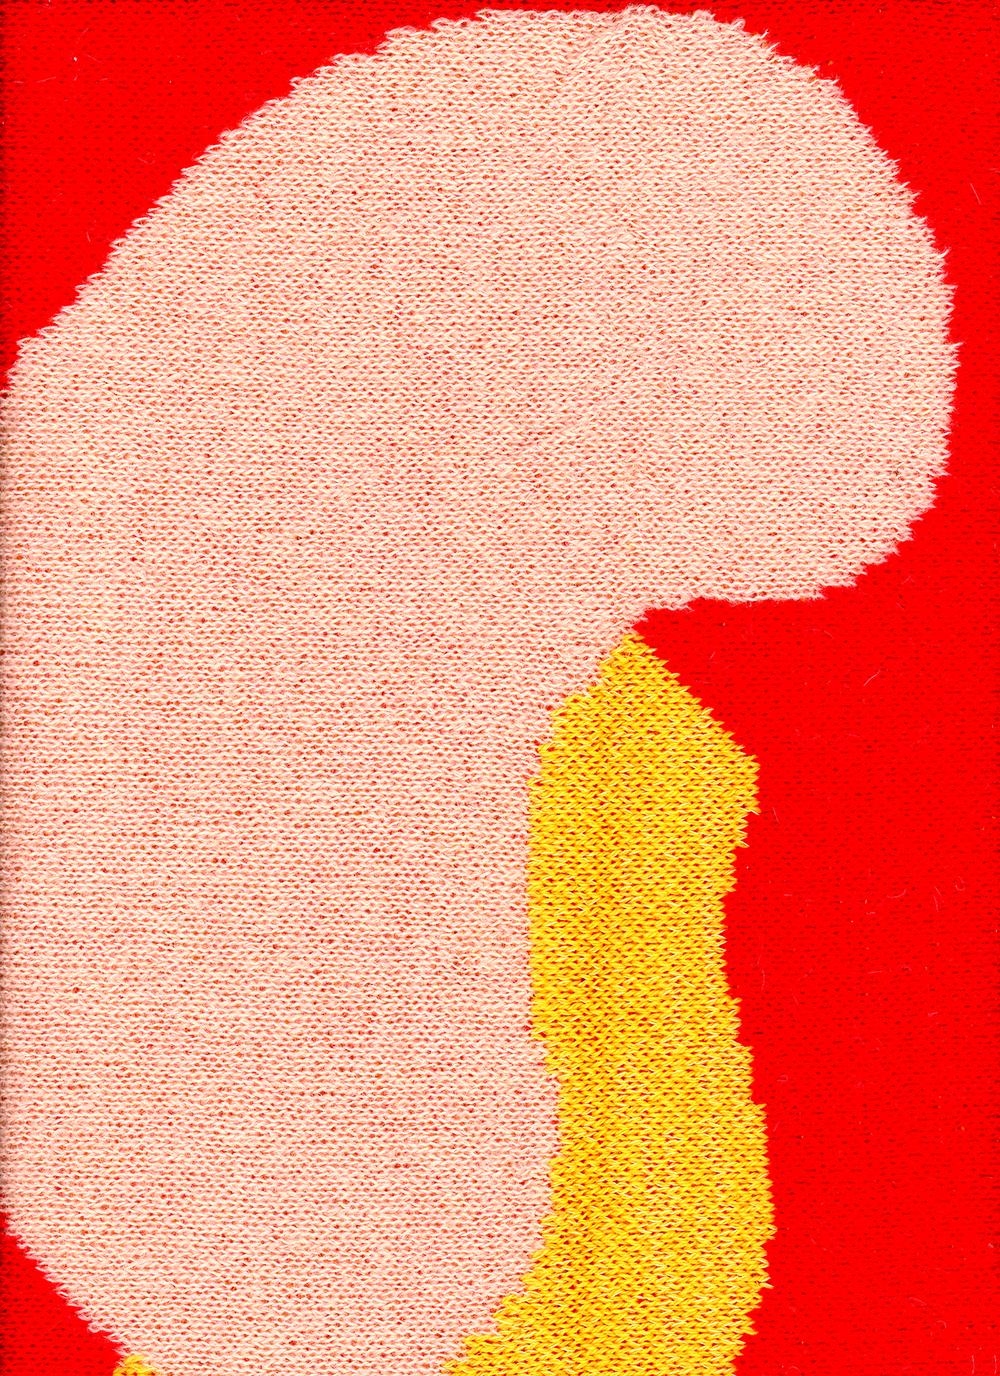 knits047.jpg